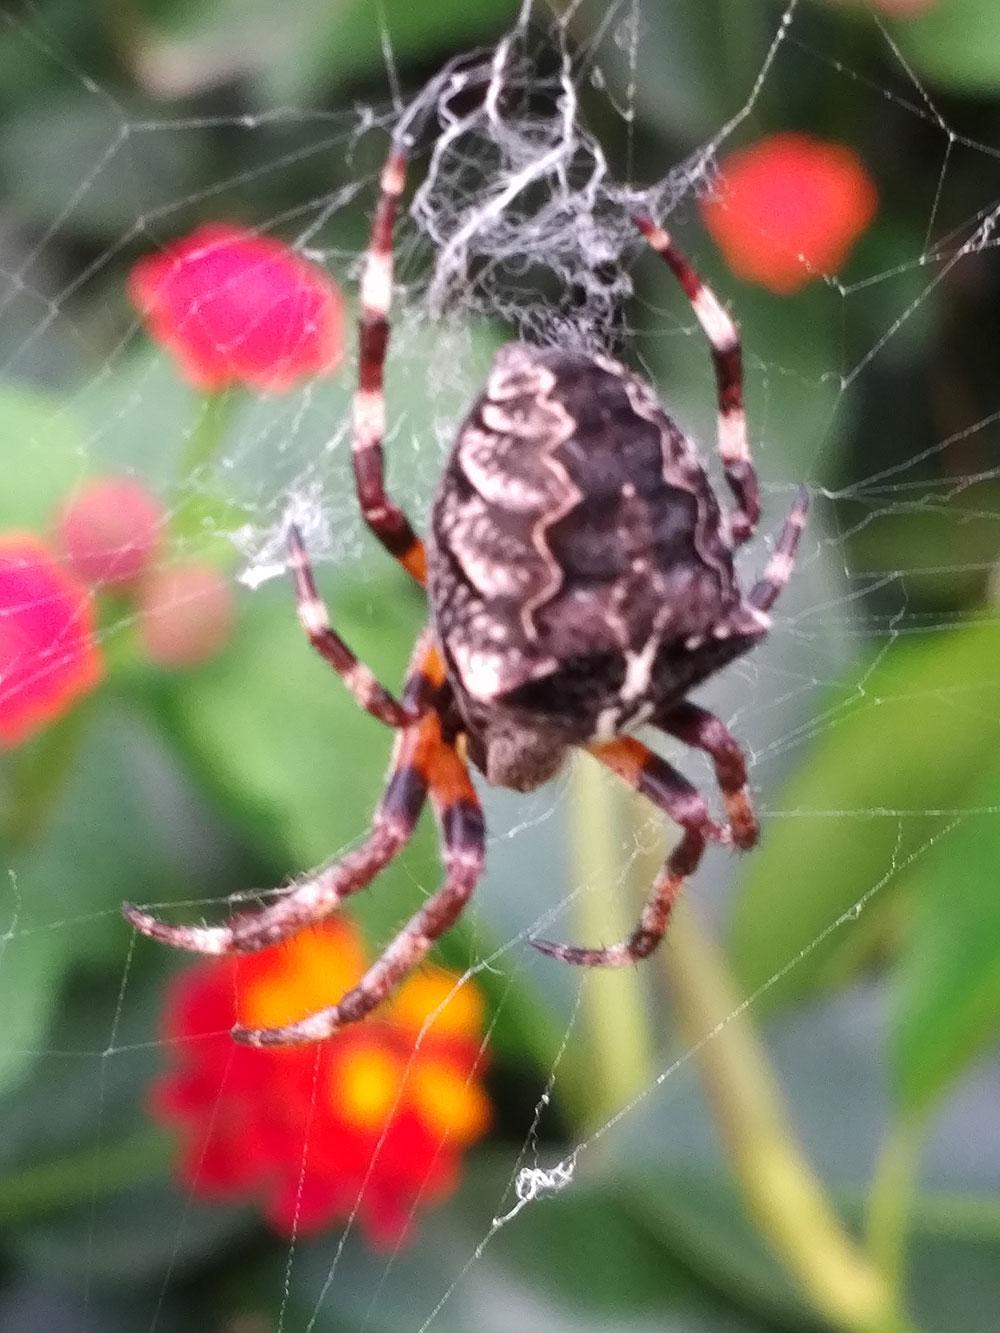 Super spider